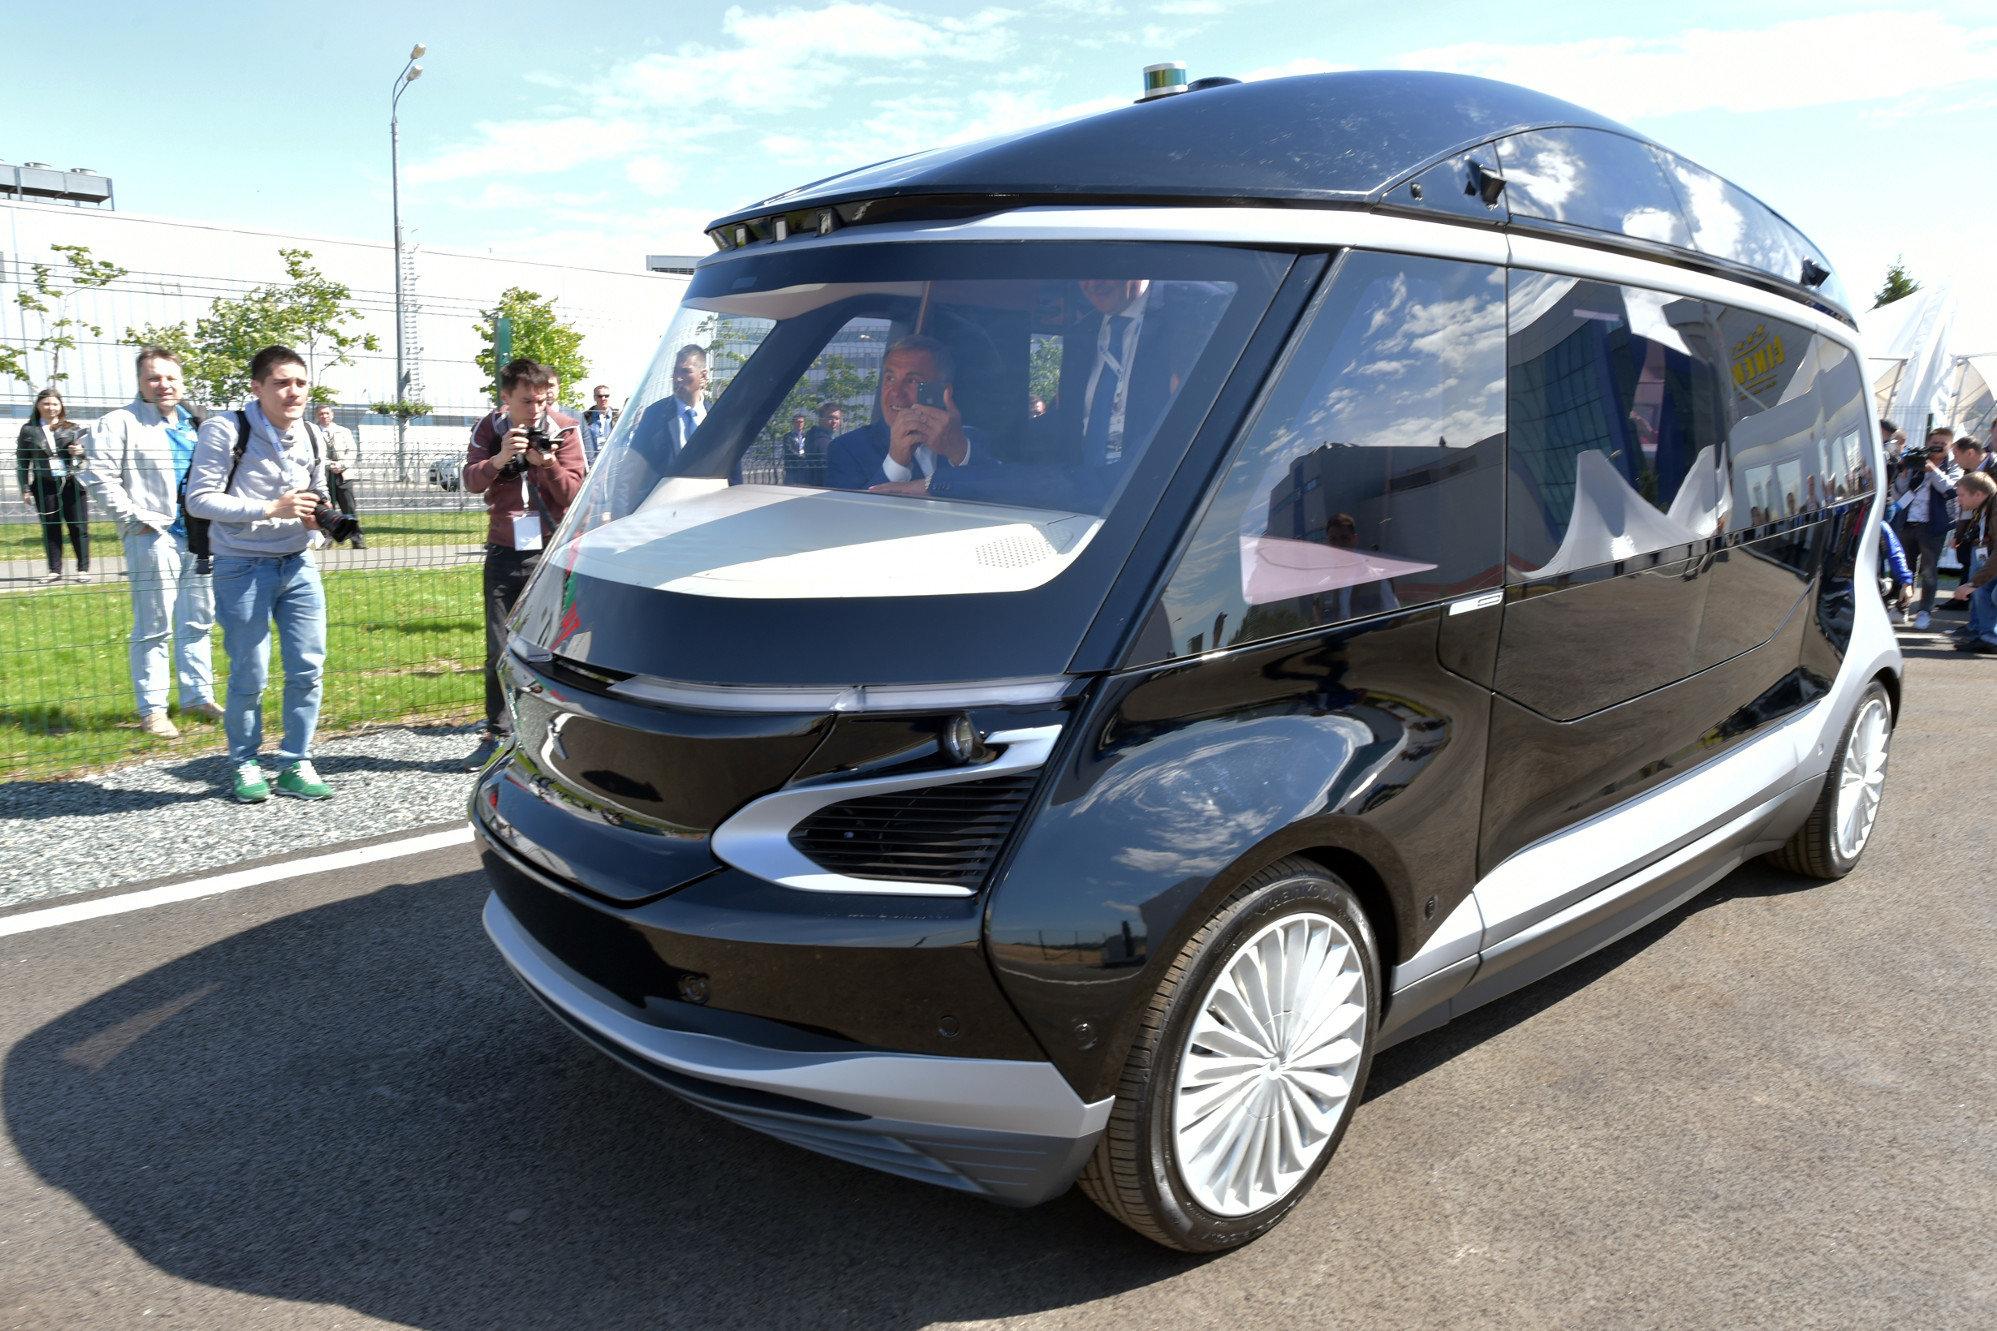 Автомобили проекта Кортеж могут перевести на электротягу